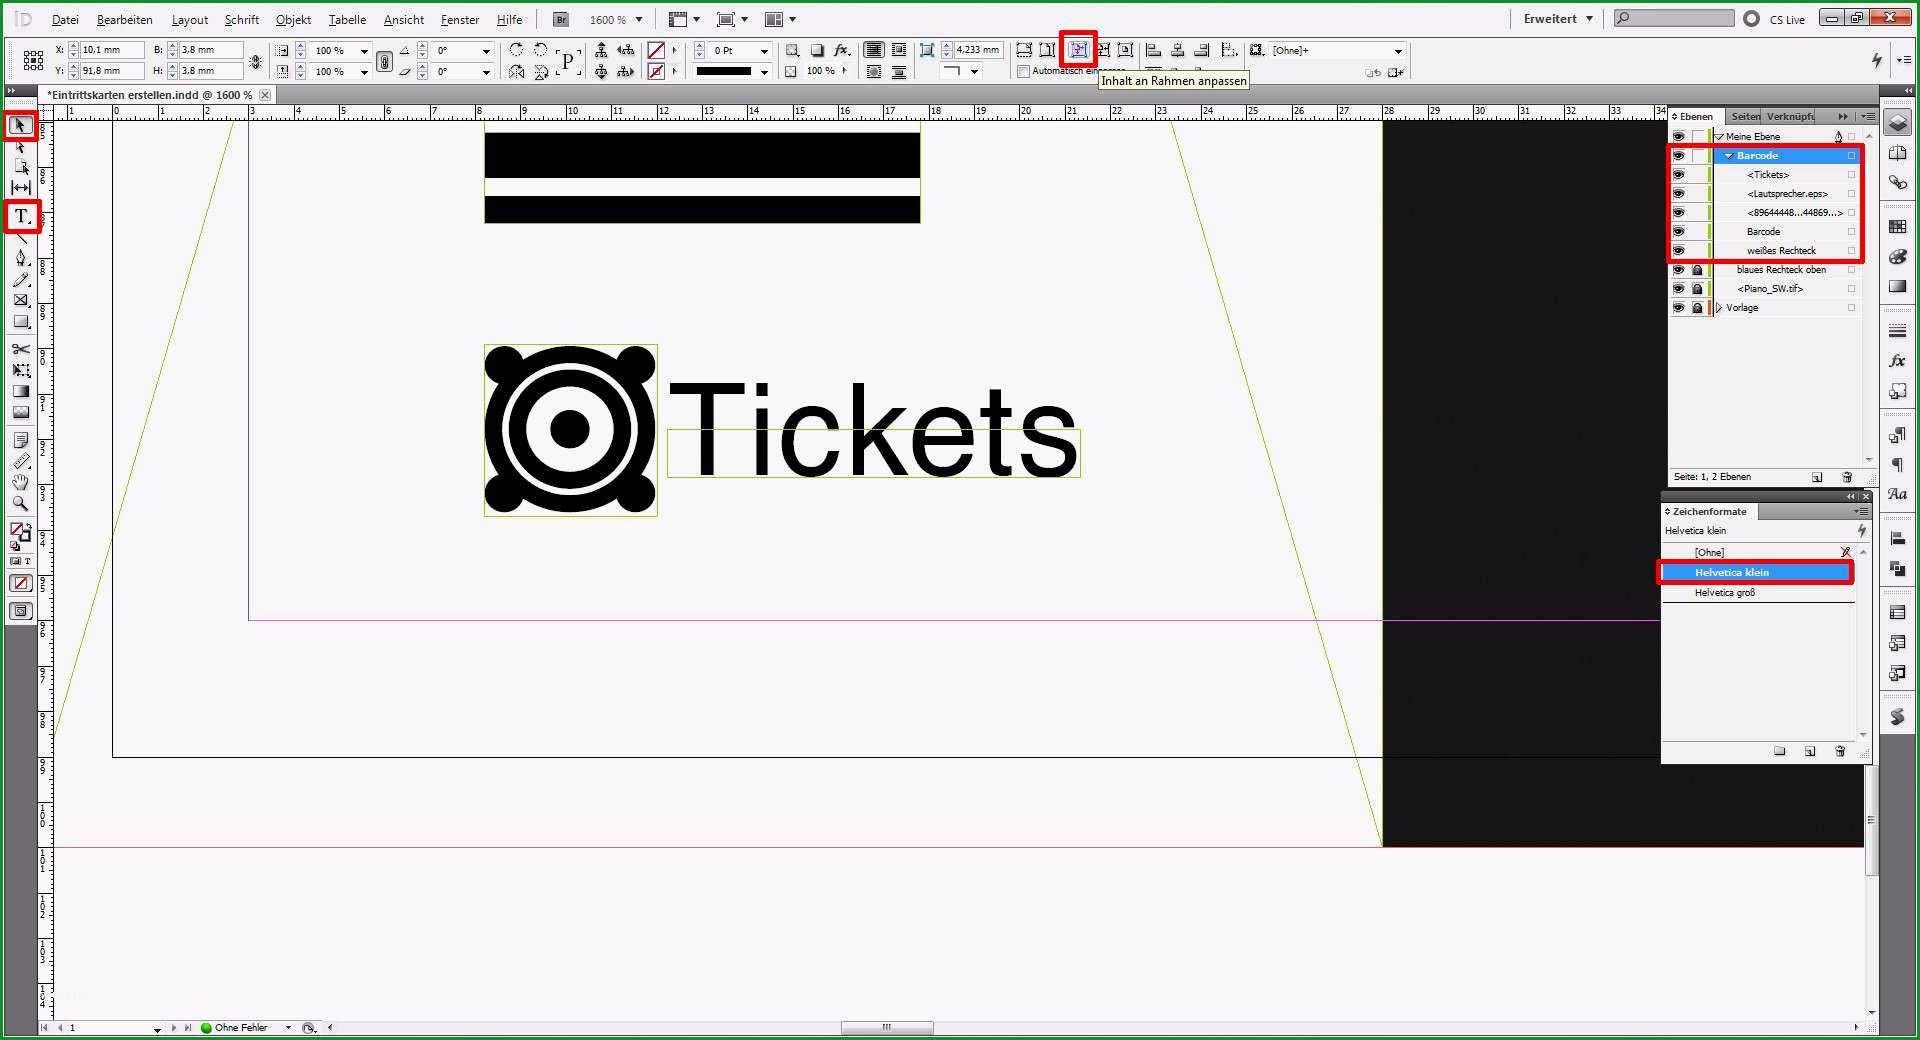 eintrittskarten selber machen vorlage echt indesigntutorial eintrittskarten erstellen saxoprint